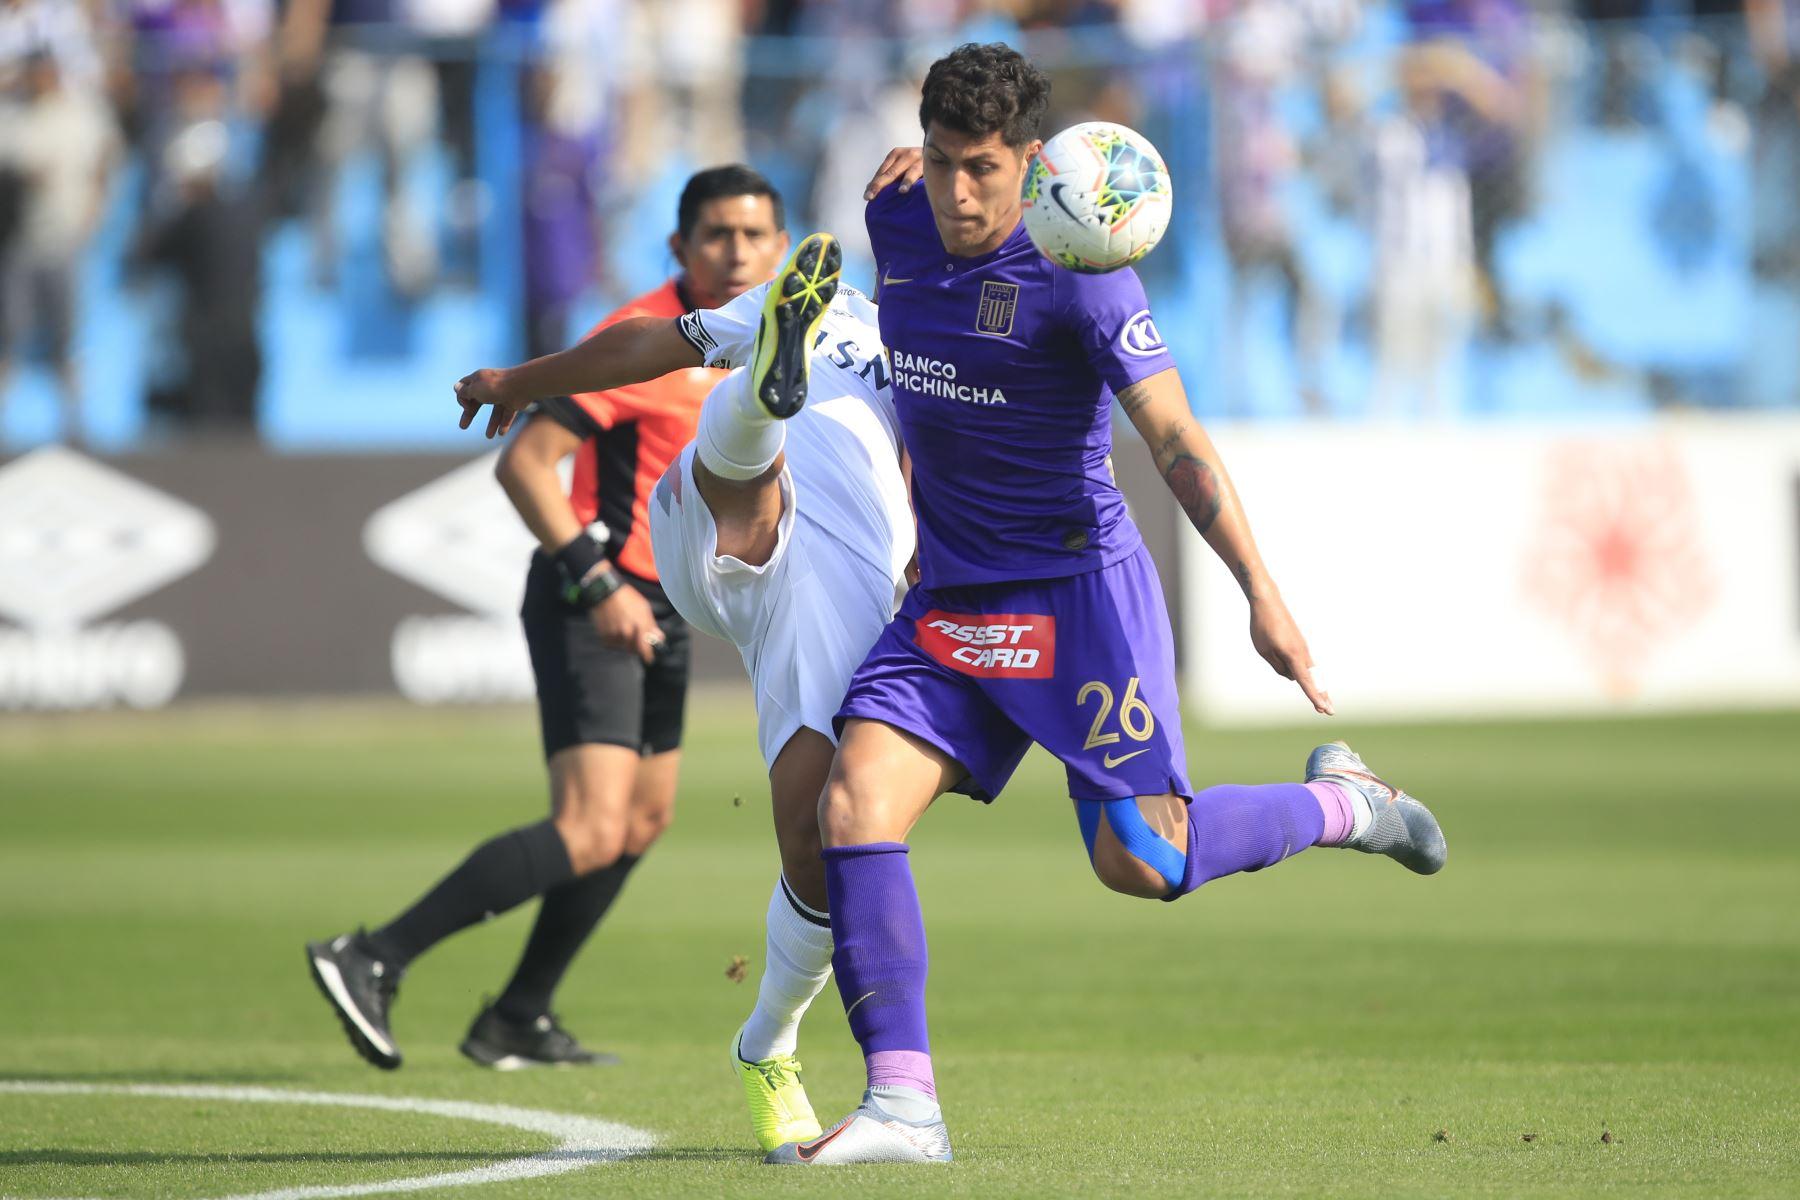 Hansel Riojas de Alianza Lima en disputa del balón con Yamir Oliva de la San Martín en partido disputado en el estadio Alberto Gallardo.       Foto: Andina/Juan Carlos Guzmán Negrini